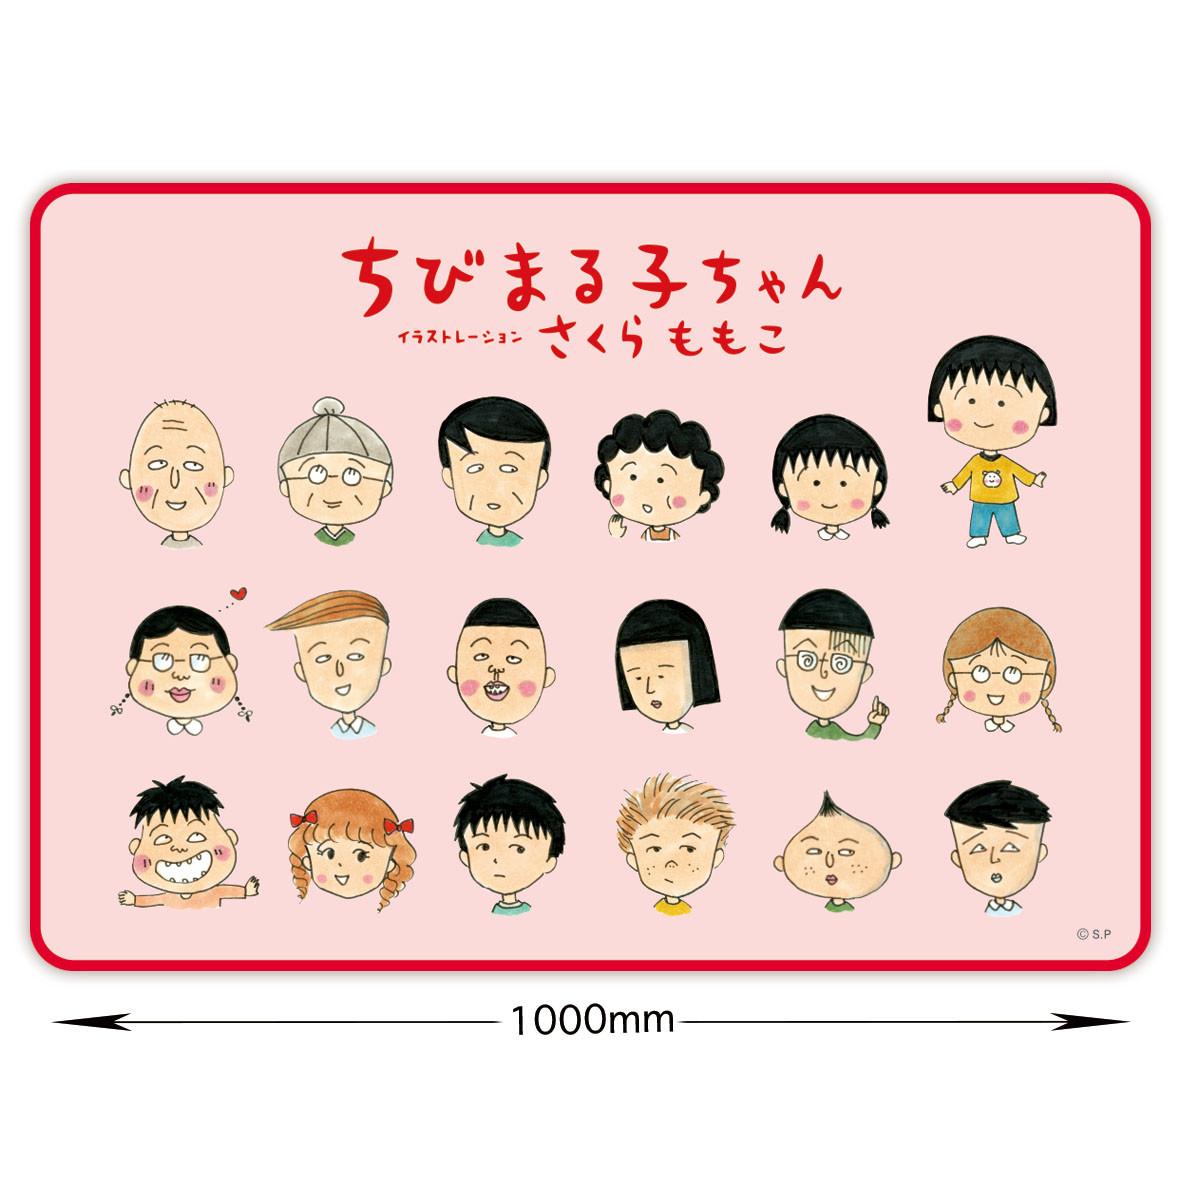 ちびまる子ちゃん ブランケット (まる子と仲間達)(巴川の春) 商品画像